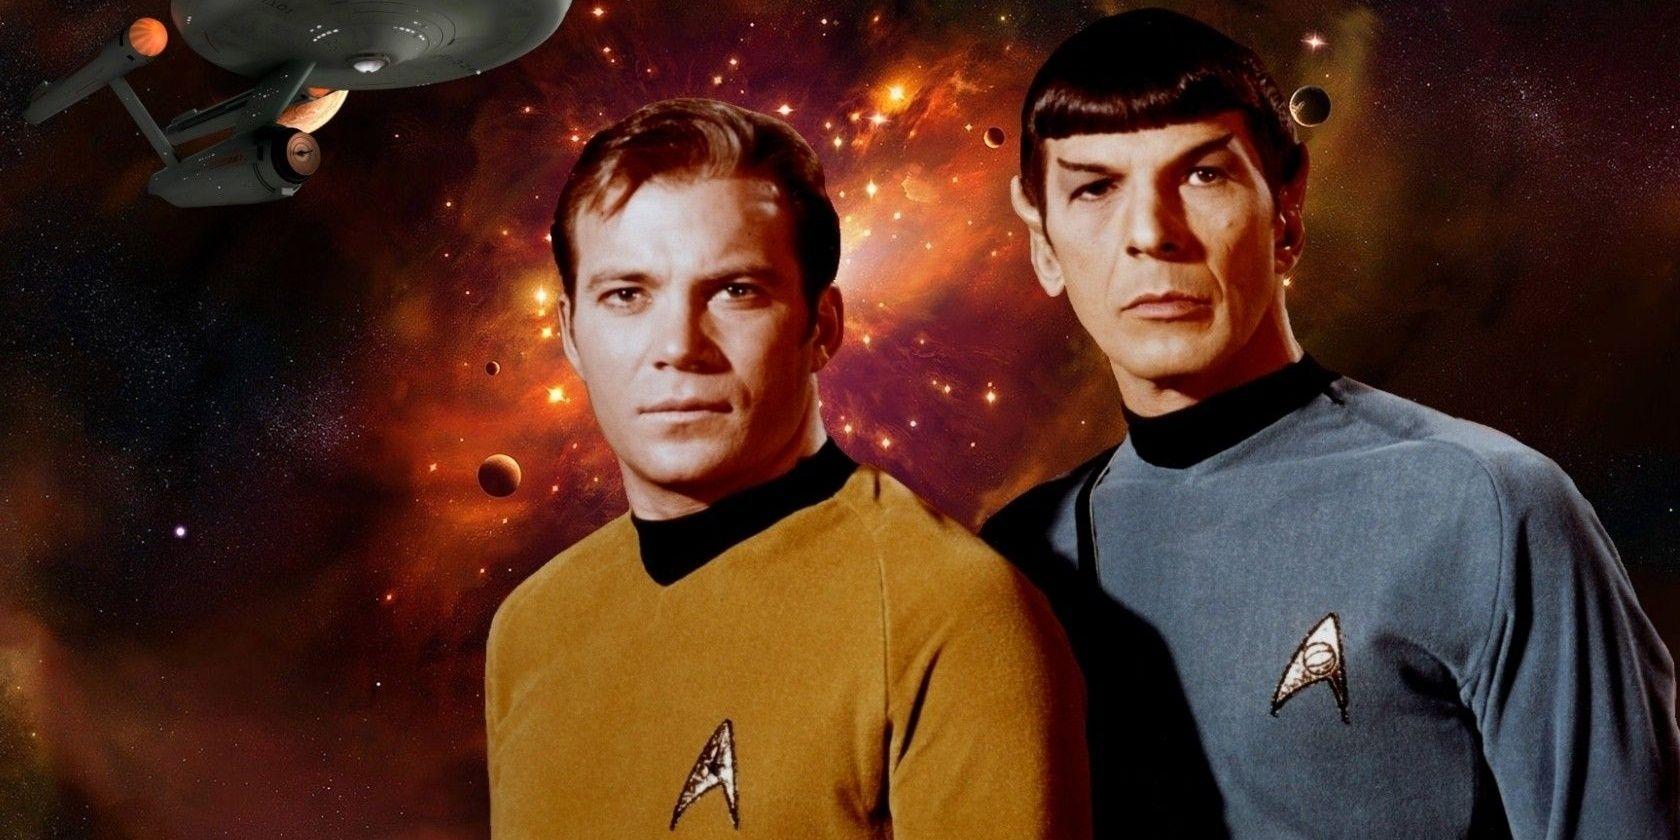 Kirk and Spock Star Trek